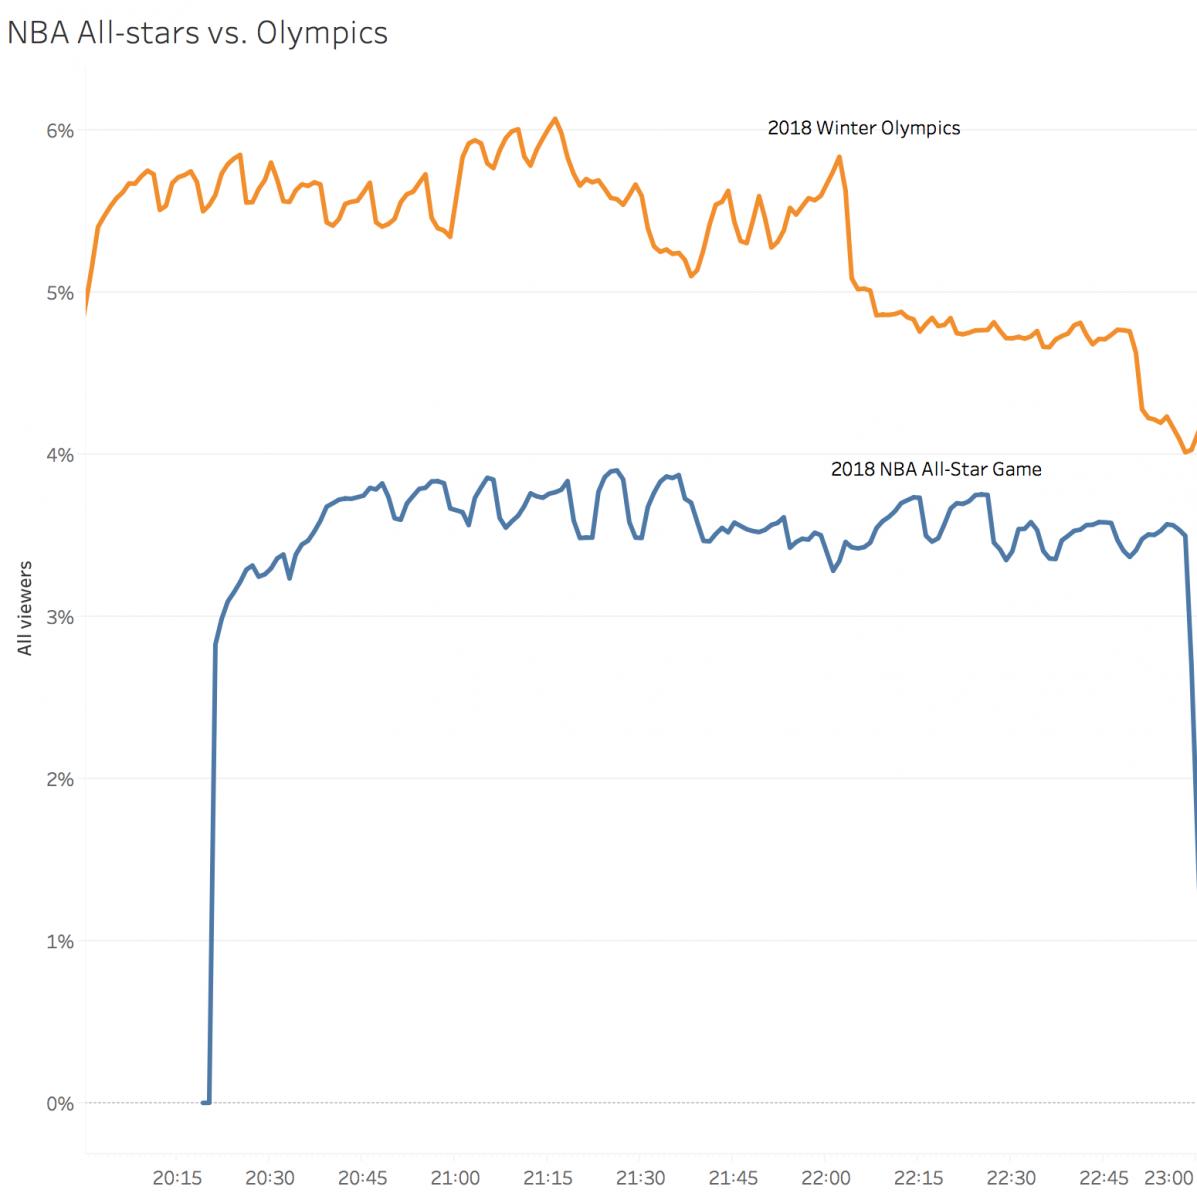 NBA All-stars v. Olympics viewership